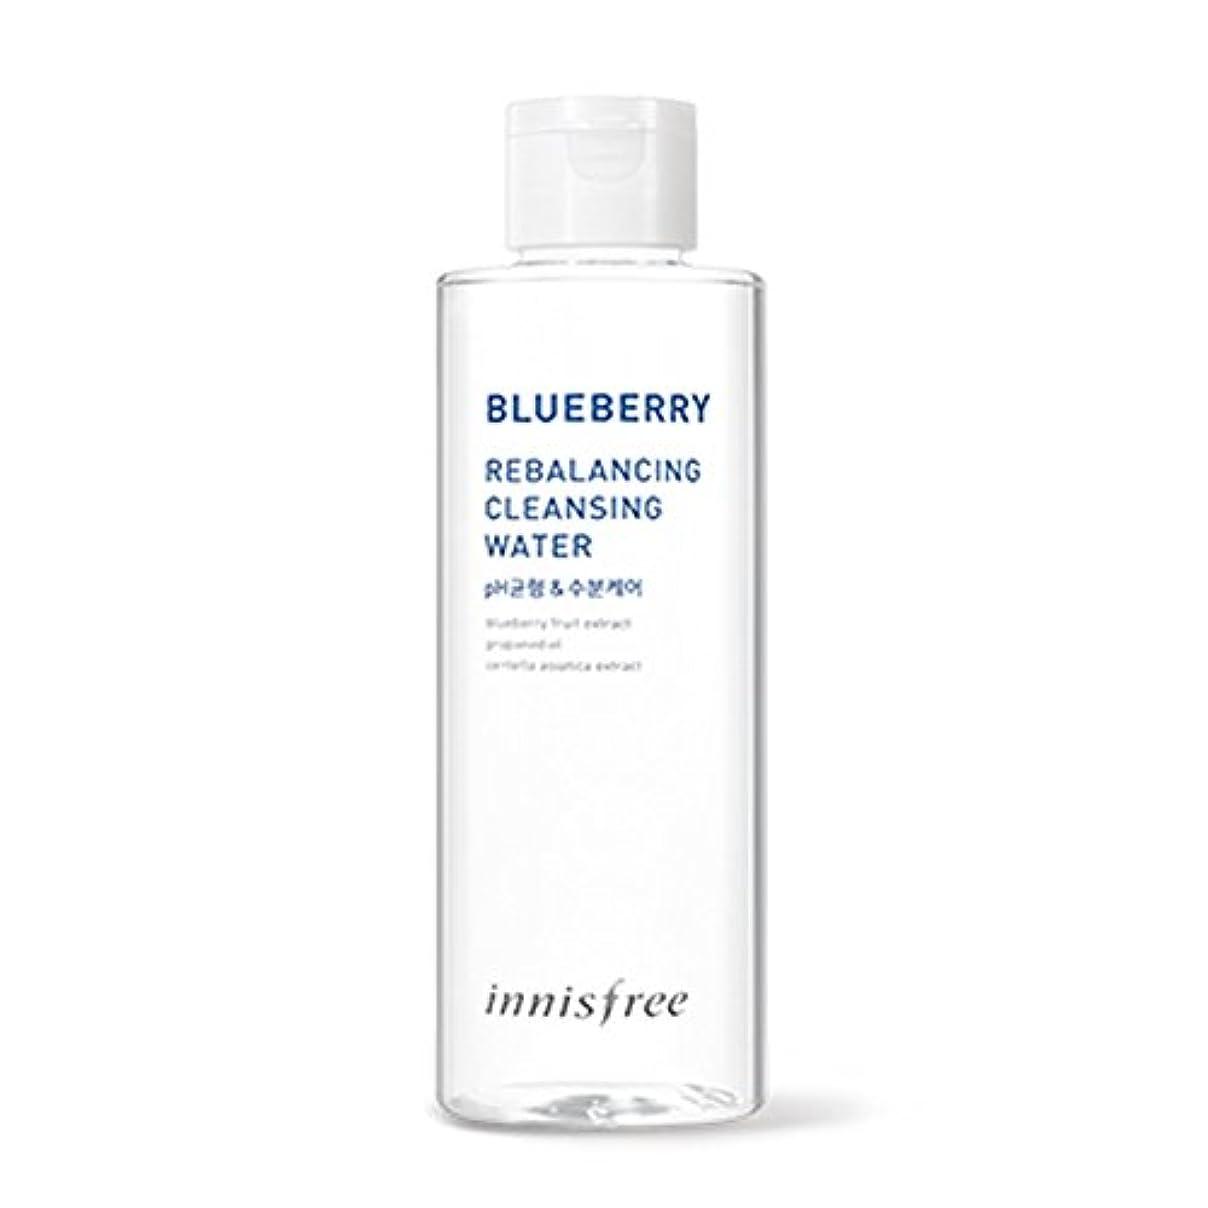 イニスフリーブルーベリーリバランシングクレンジングウォーター200ml Innisfree Blueberry Rebalancing Cleansing Water 200ml [海外直送品][並行輸入品]